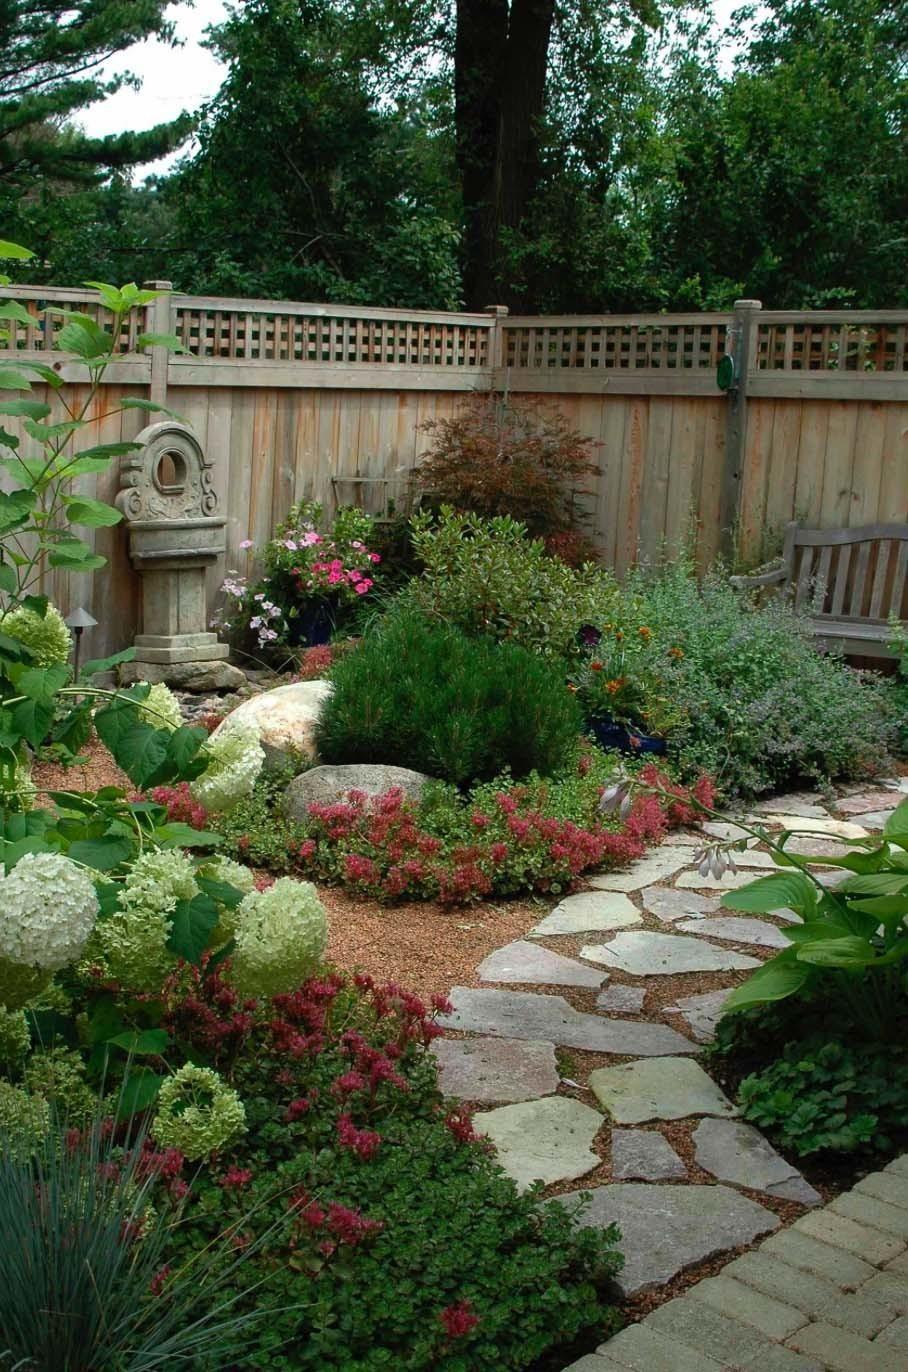 40+ Brilliante Ideen für Steinwege in Ihrem Garten #flagstonepathway